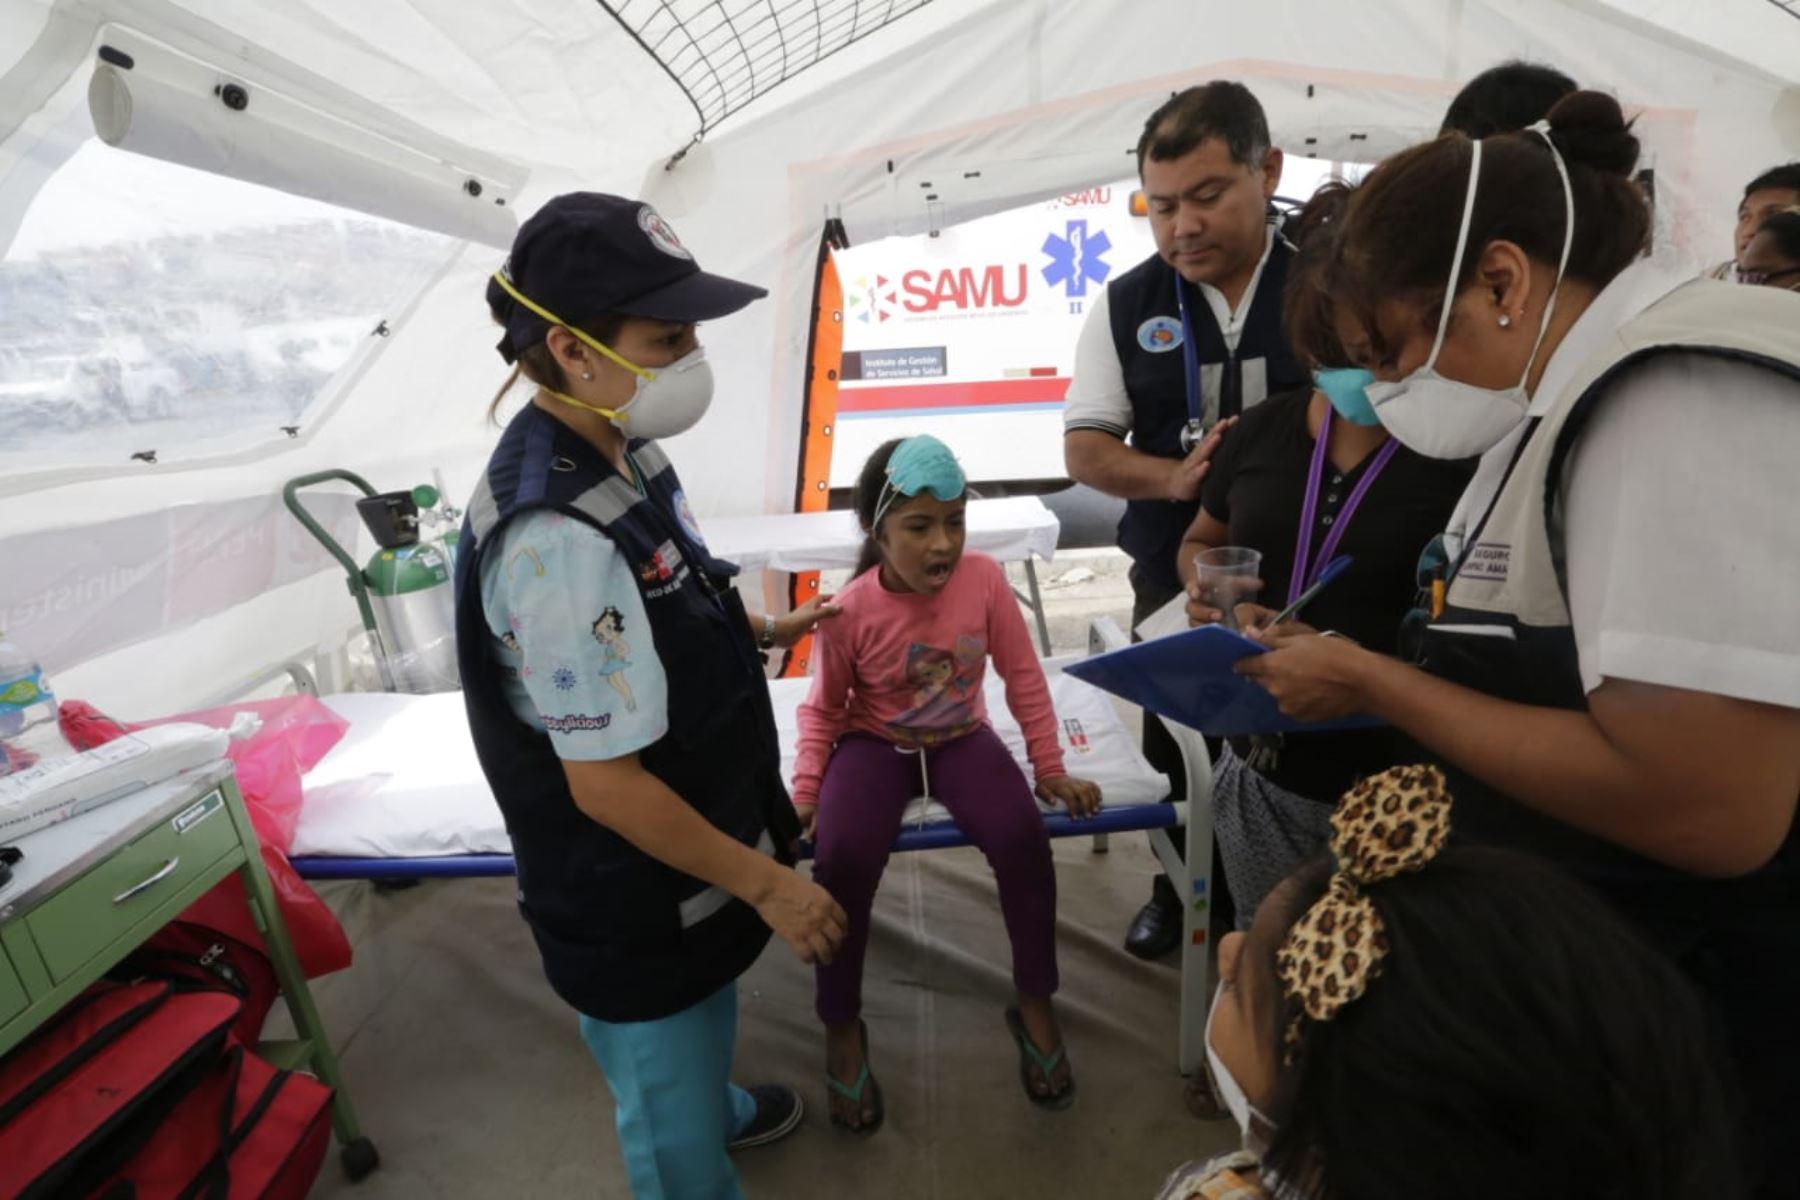 Menor de edad es atendida por personal de salud en una carpa instalada por el Minsa. Foto: Difusión.